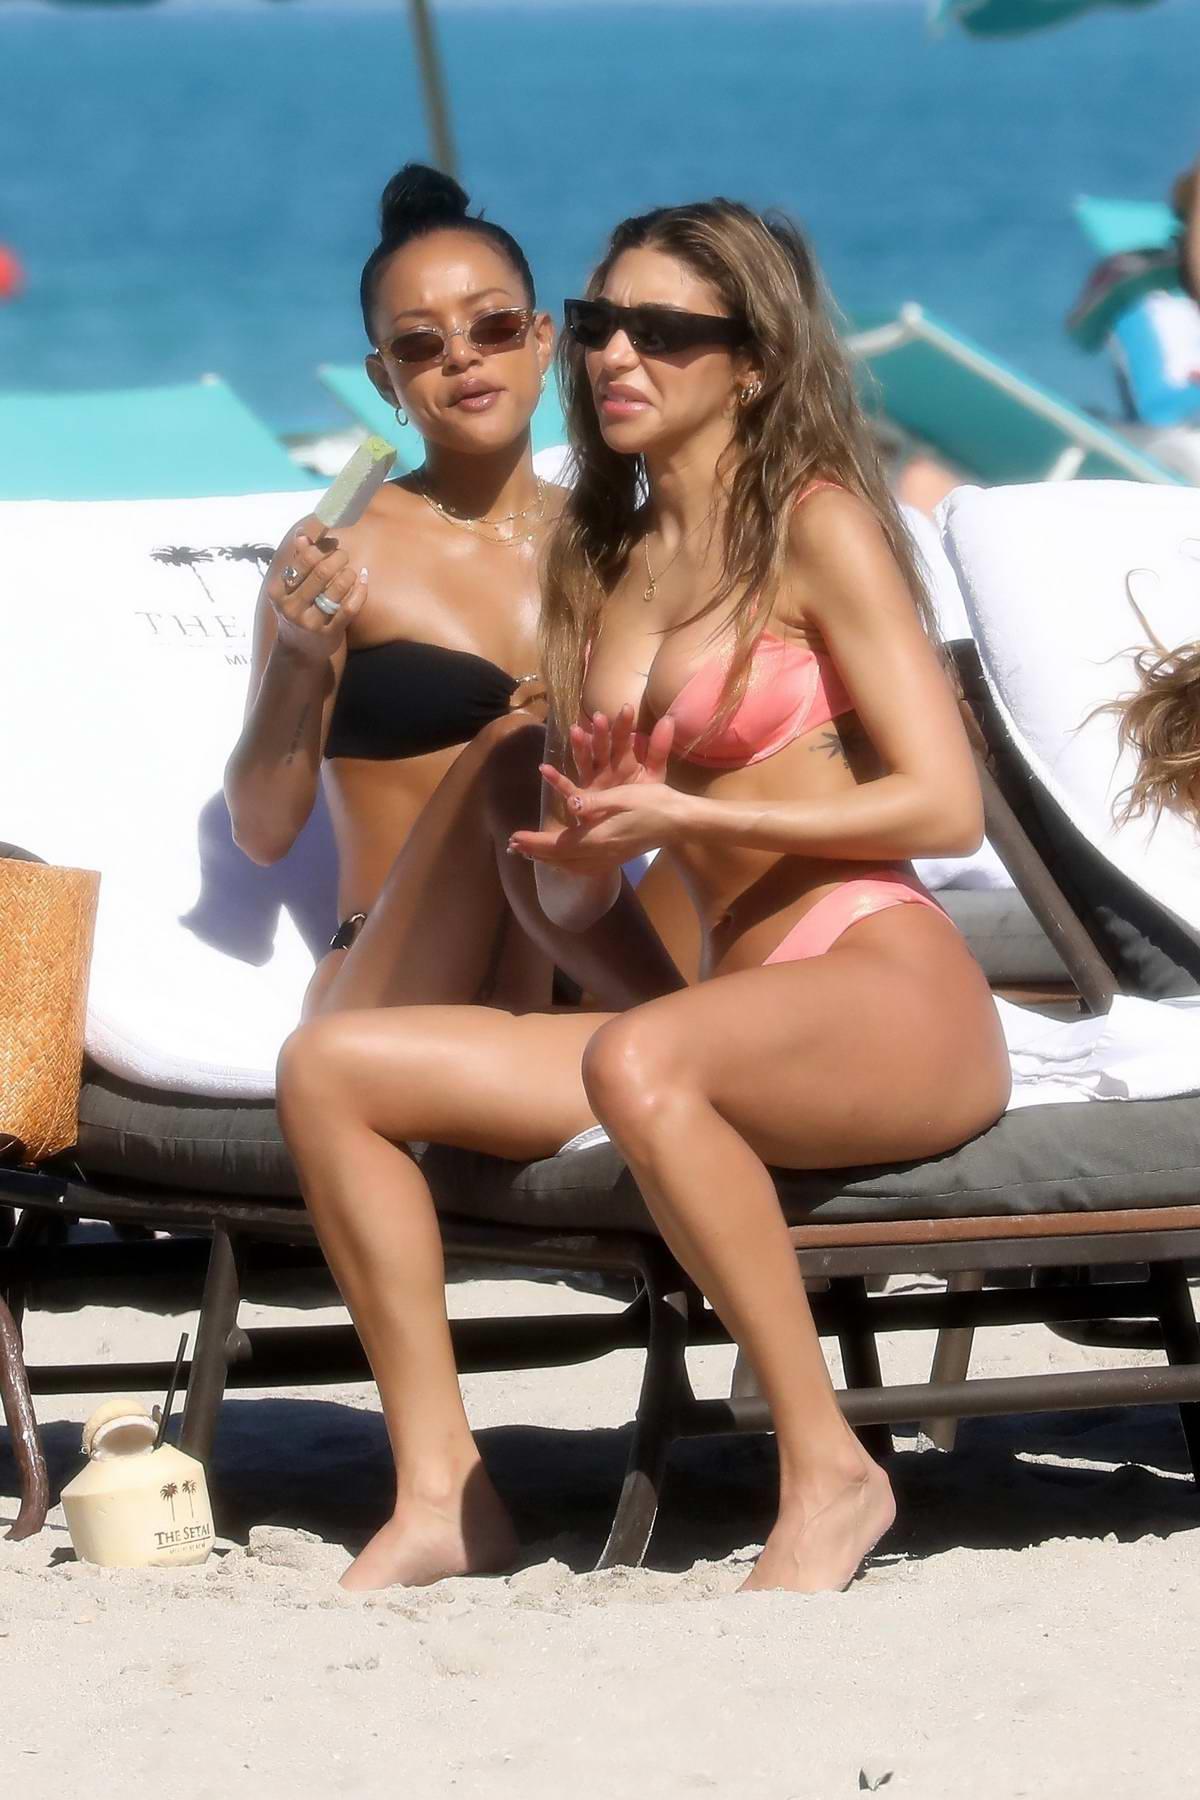 Chantel Jeffries and Karrueche Tran slip into their bikinis while enjoying a beach day in Miami, Florida